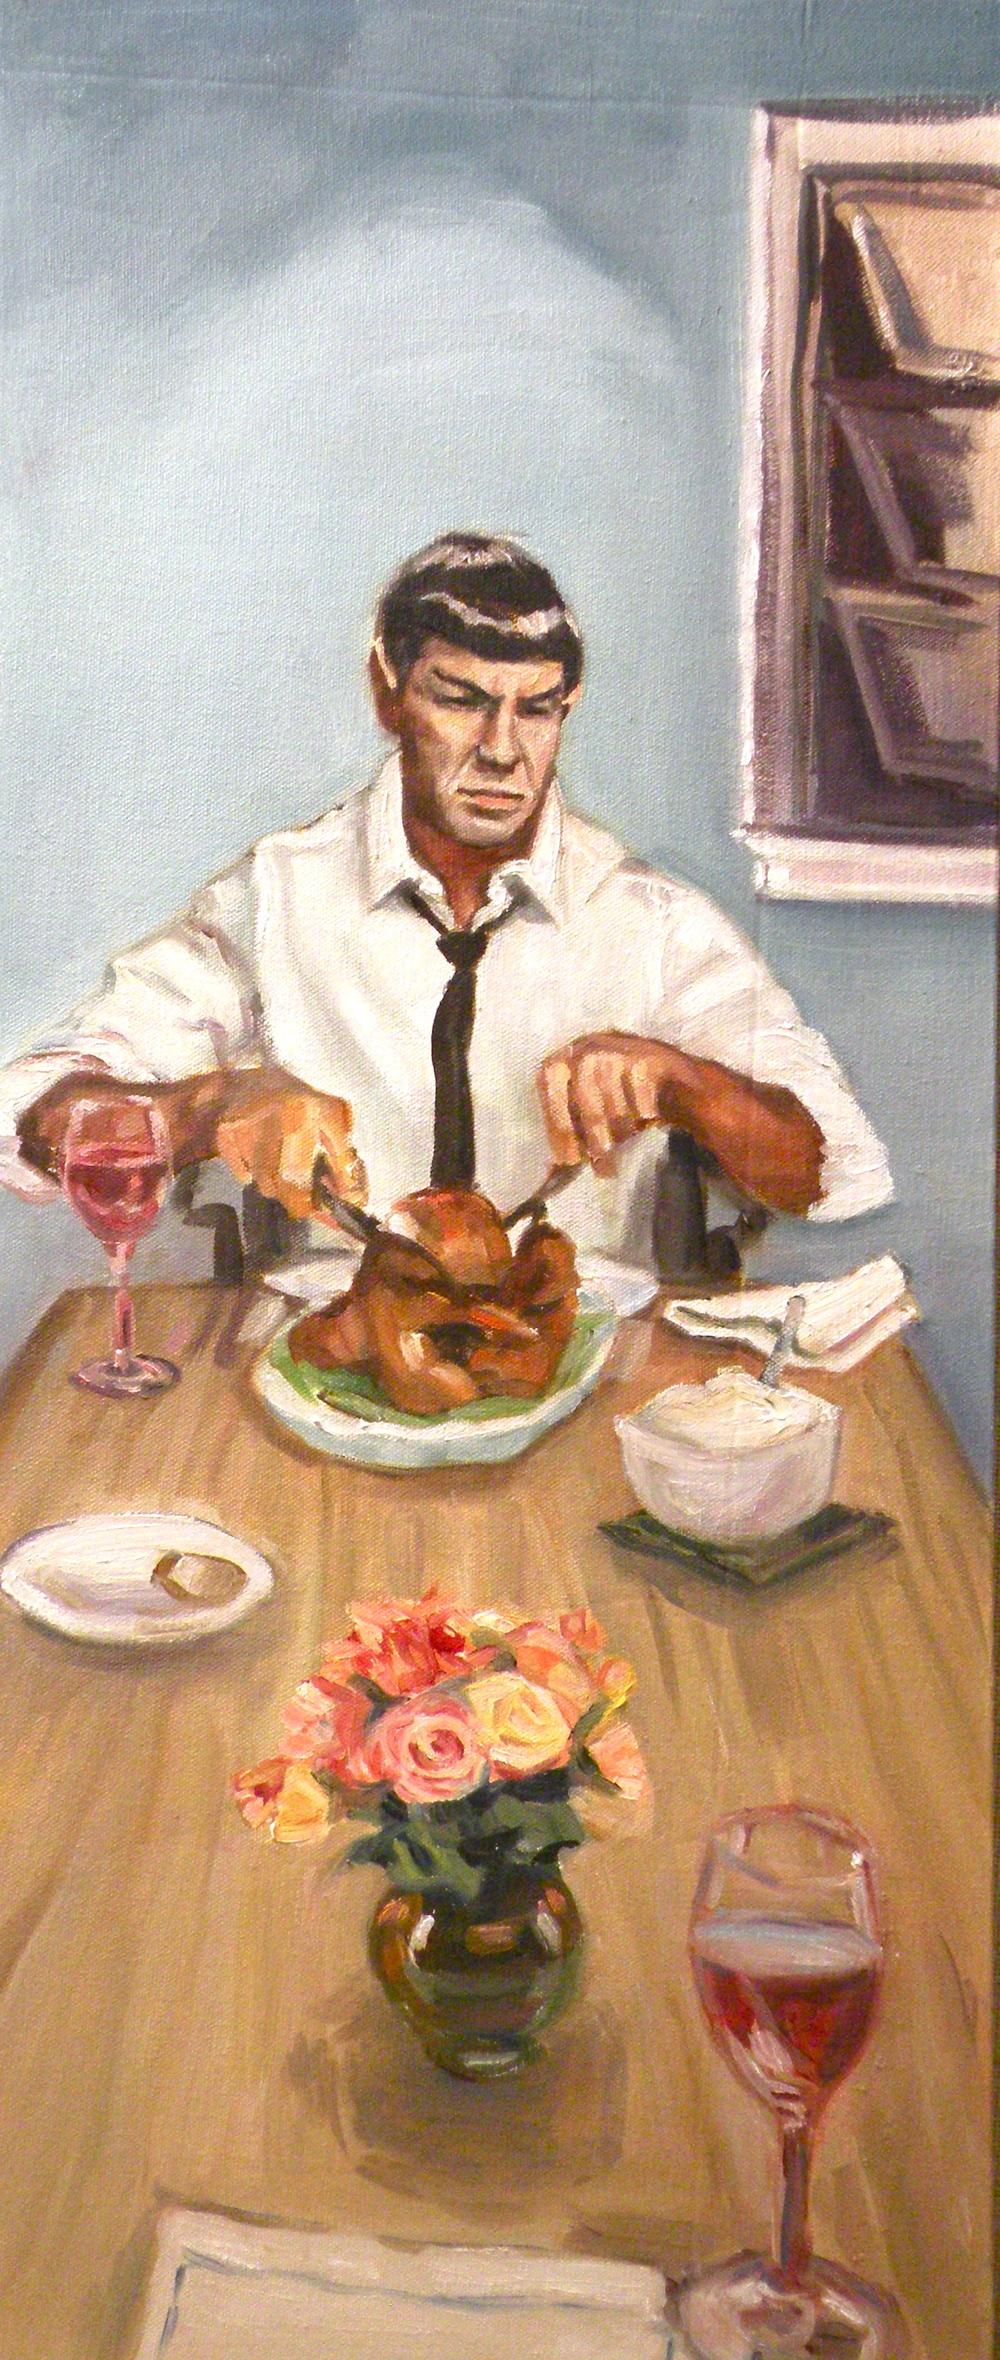 Dinner with Spock.JPG